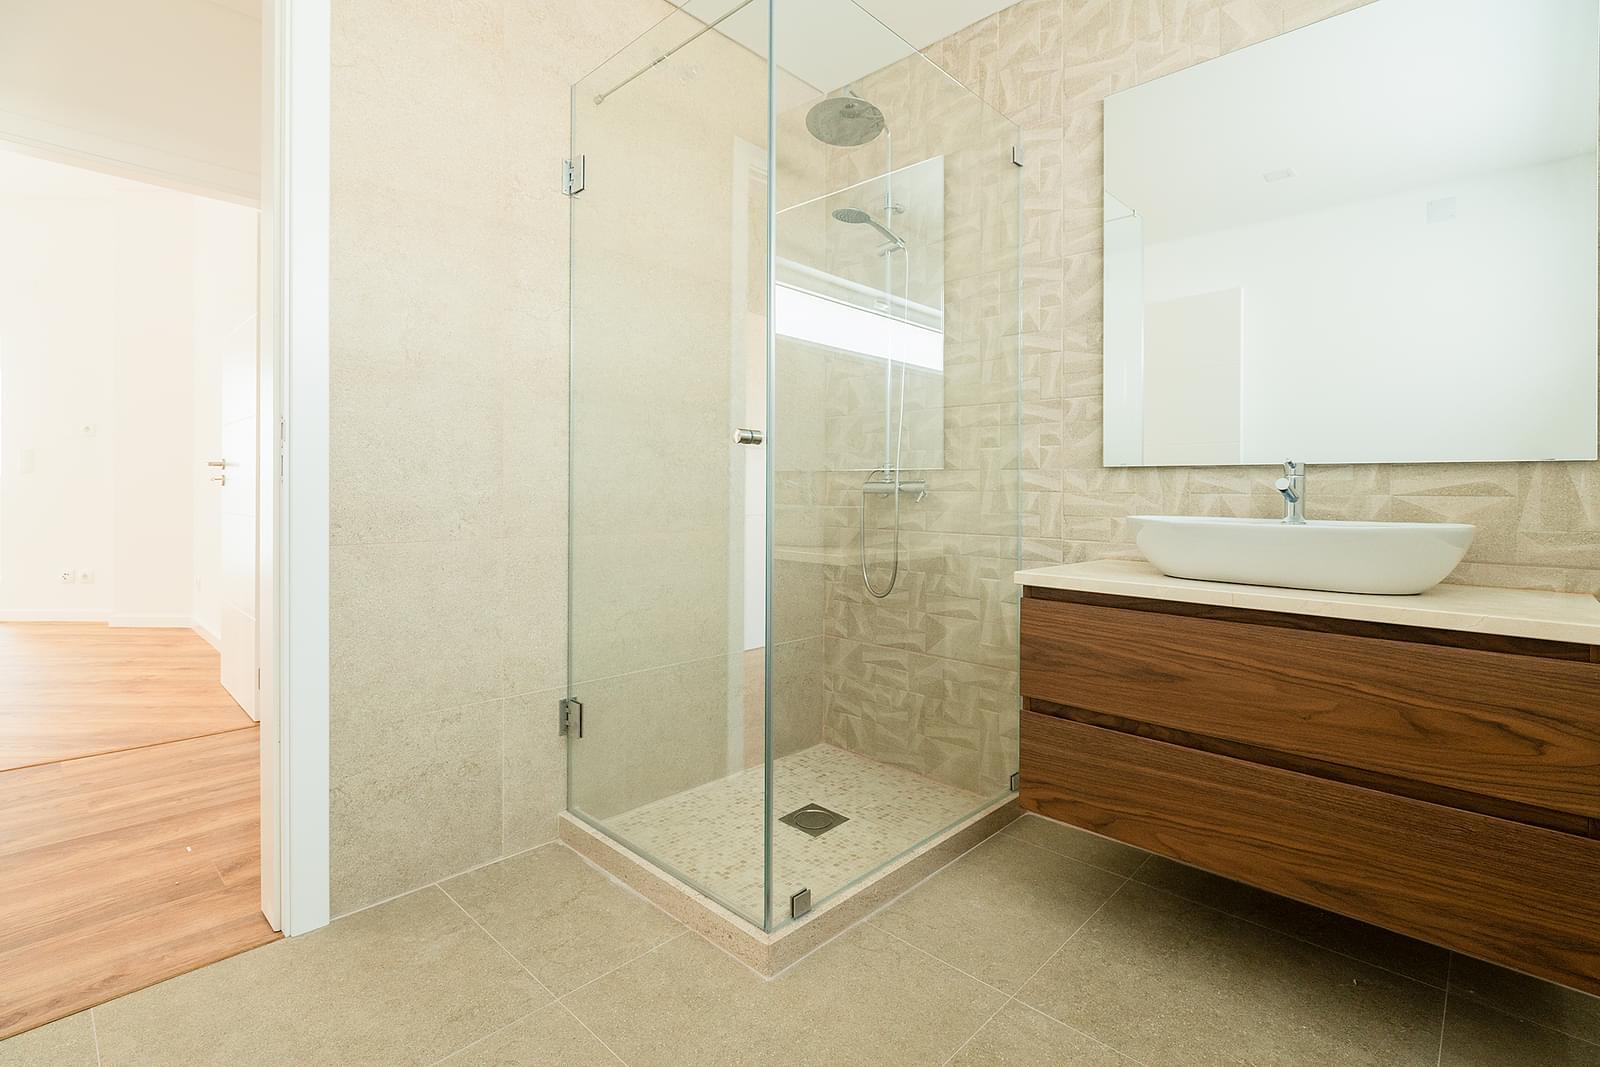 pf18413-apartamento-t1-lisboa-2fb7db7d-36ec-4533-b700-f512a3c2f541